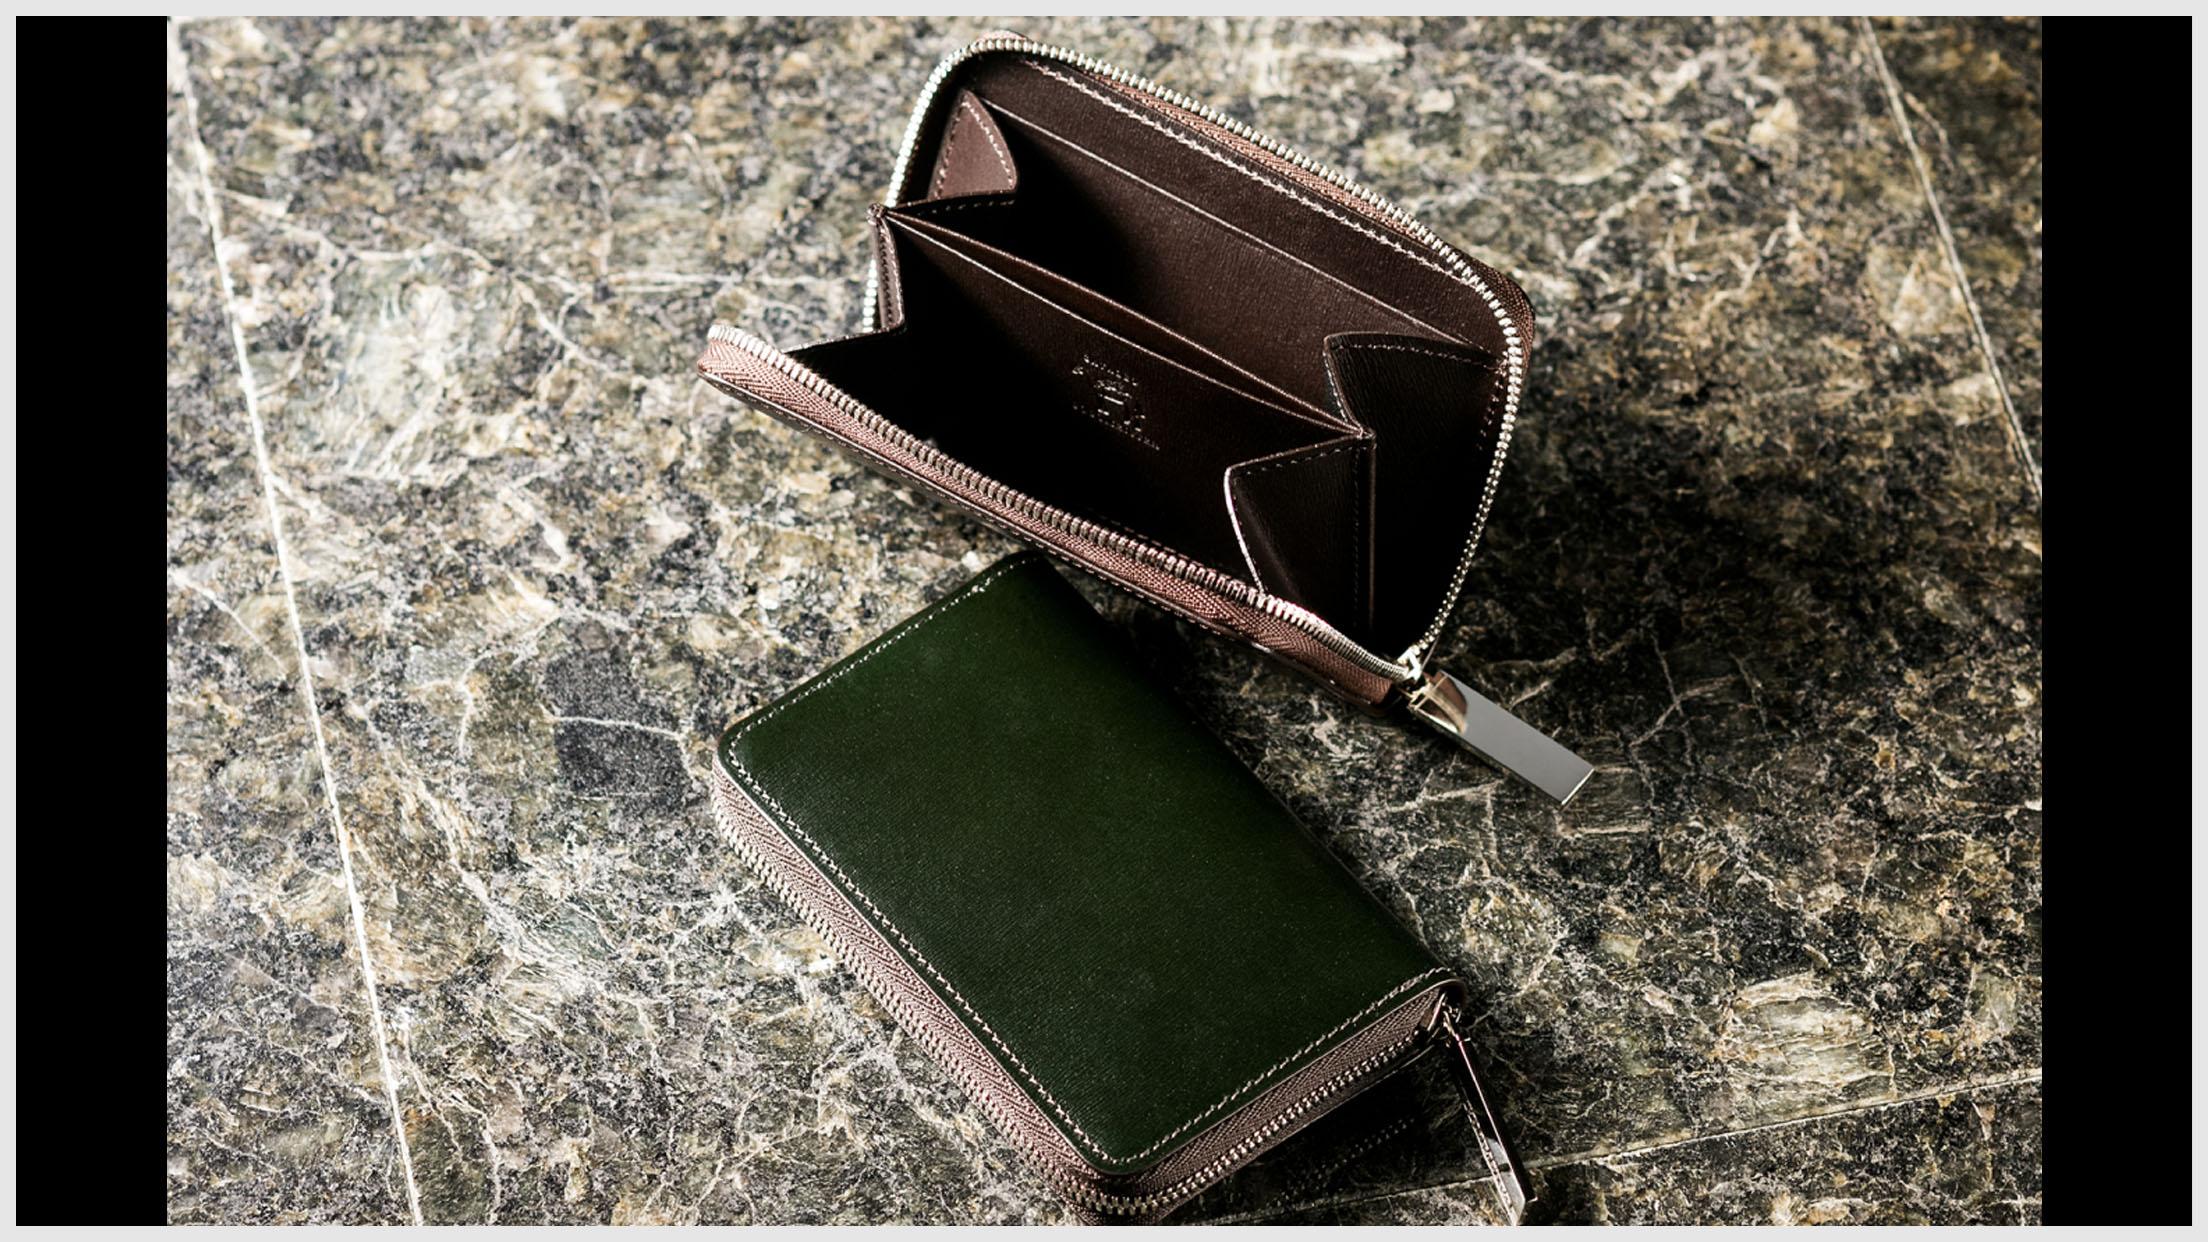 カヴァレオ ザワディの小銭入れの画像